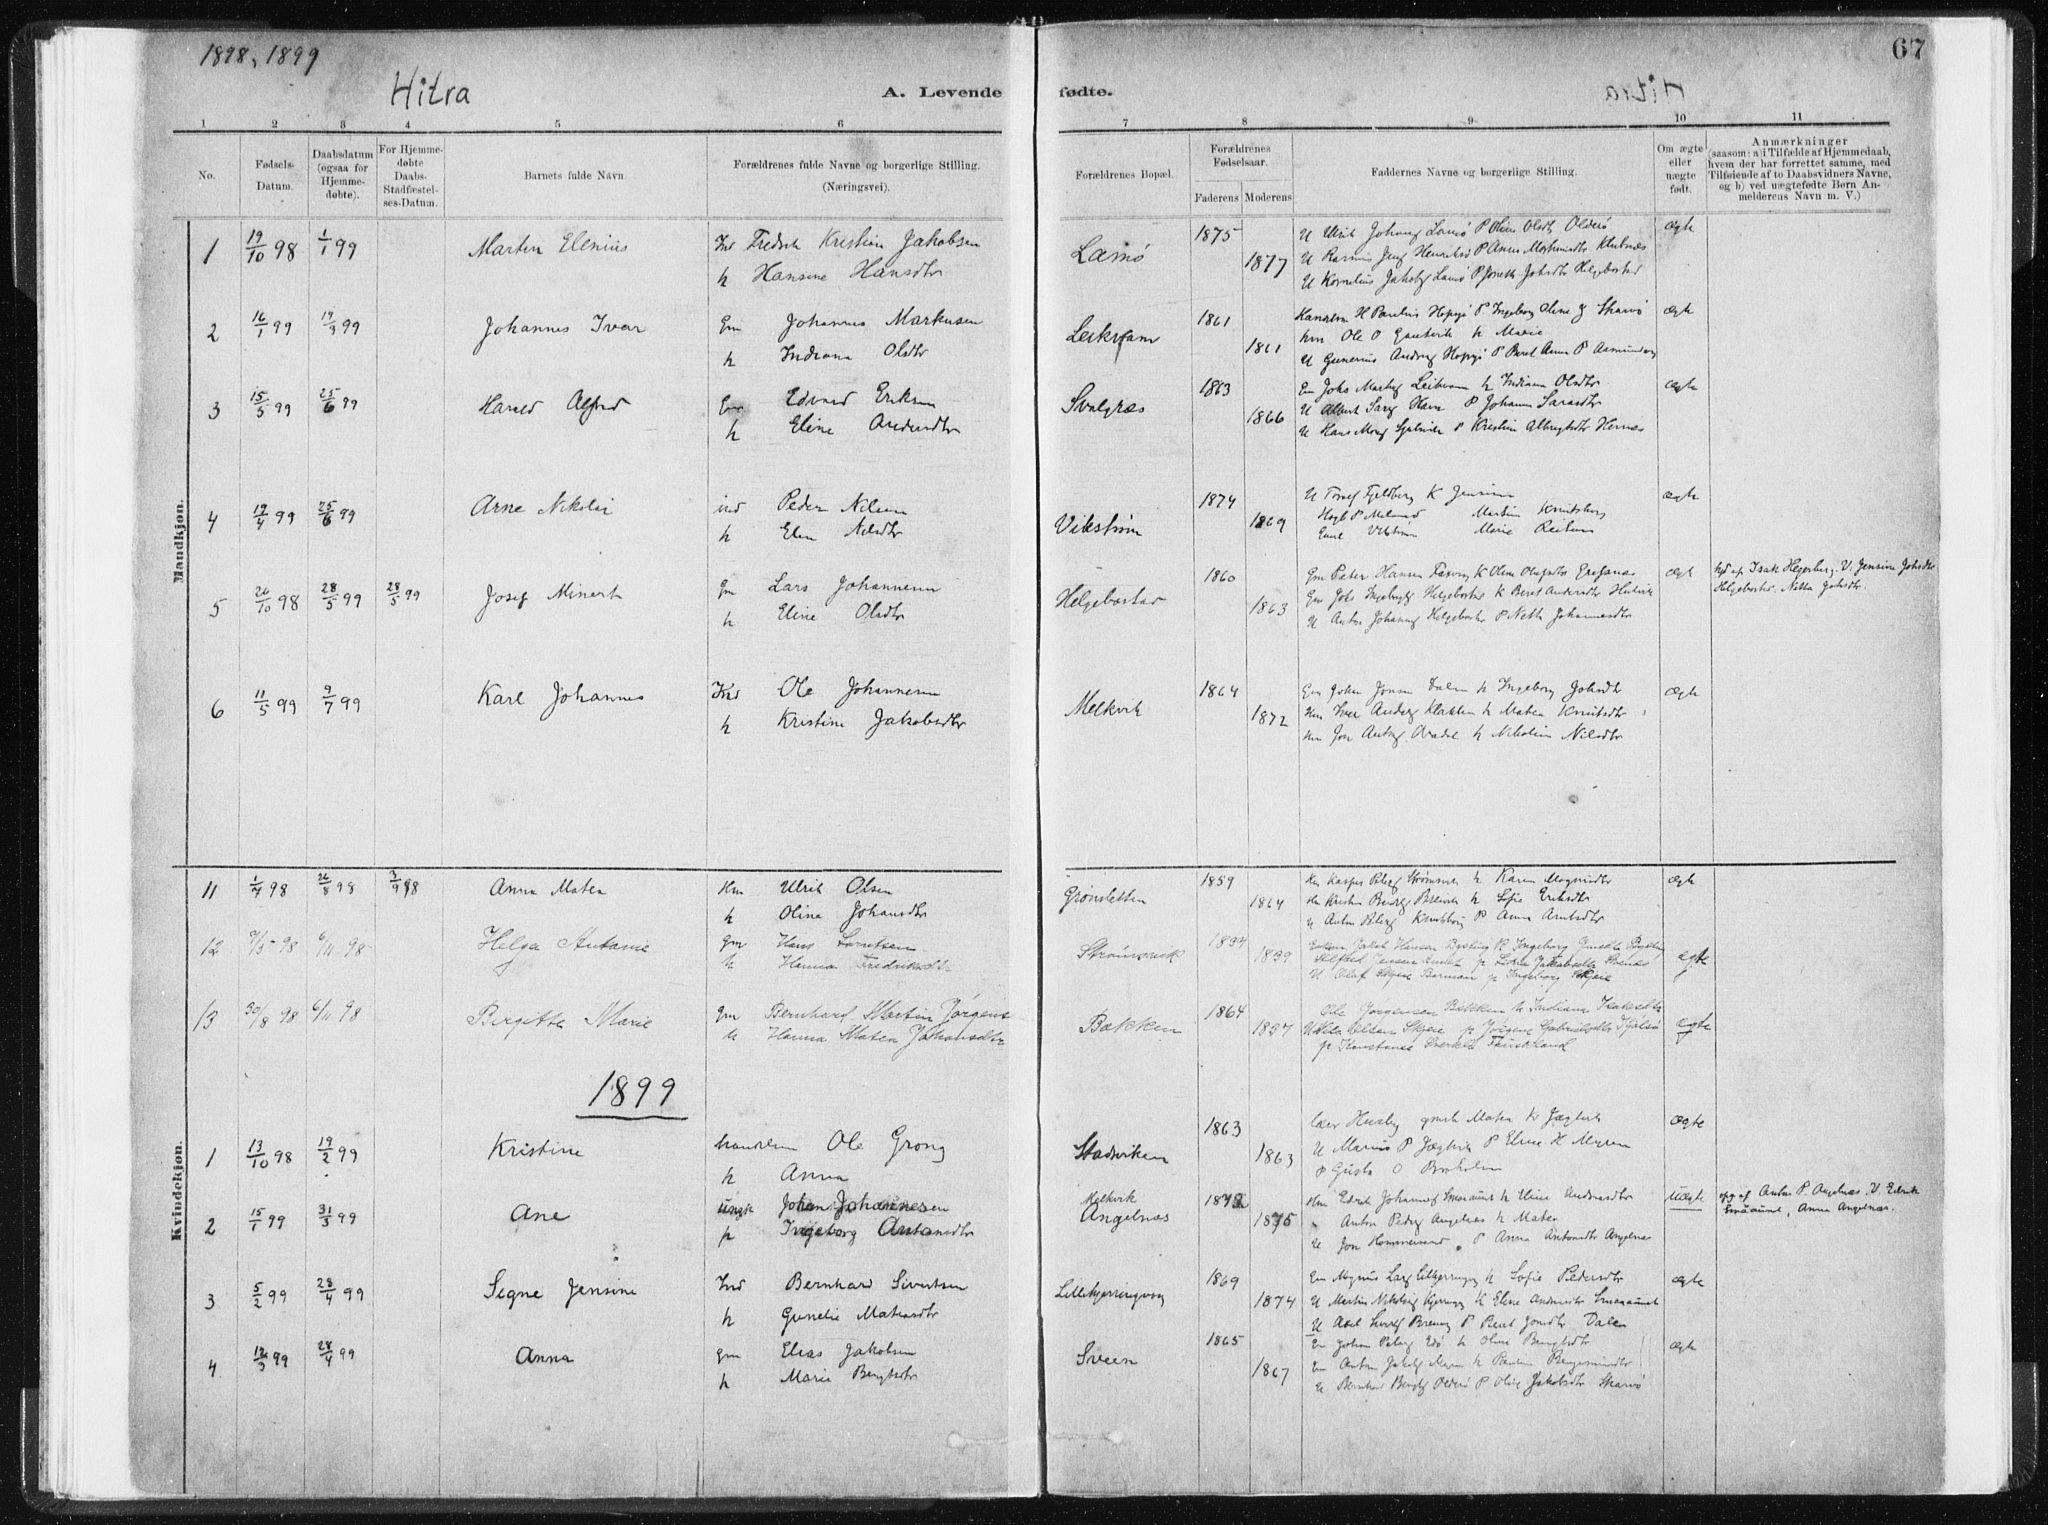 SAT, Ministerialprotokoller, klokkerbøker og fødselsregistre - Sør-Trøndelag, 634/L0533: Ministerialbok nr. 634A09, 1882-1901, s. 67